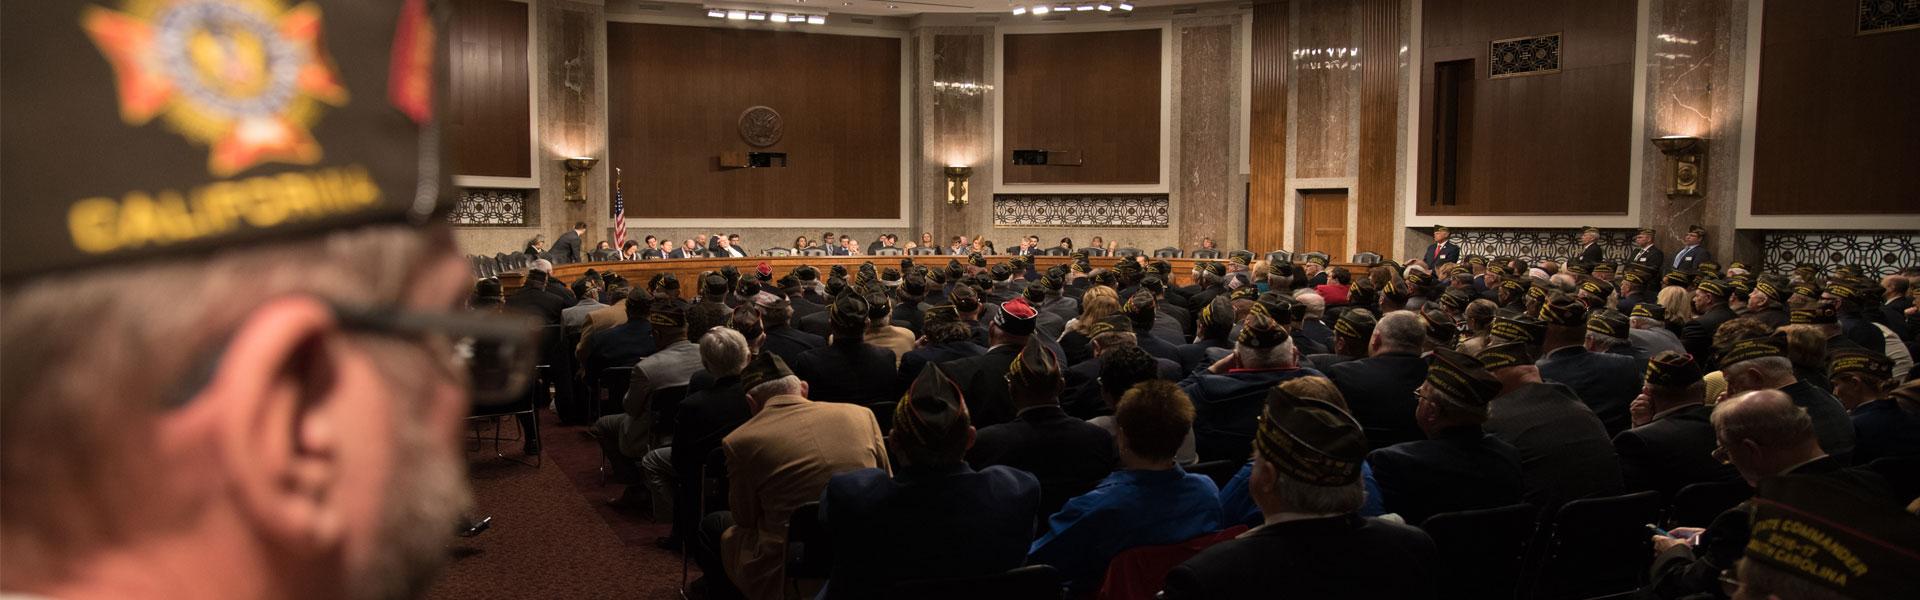 VFW Legislative Conference